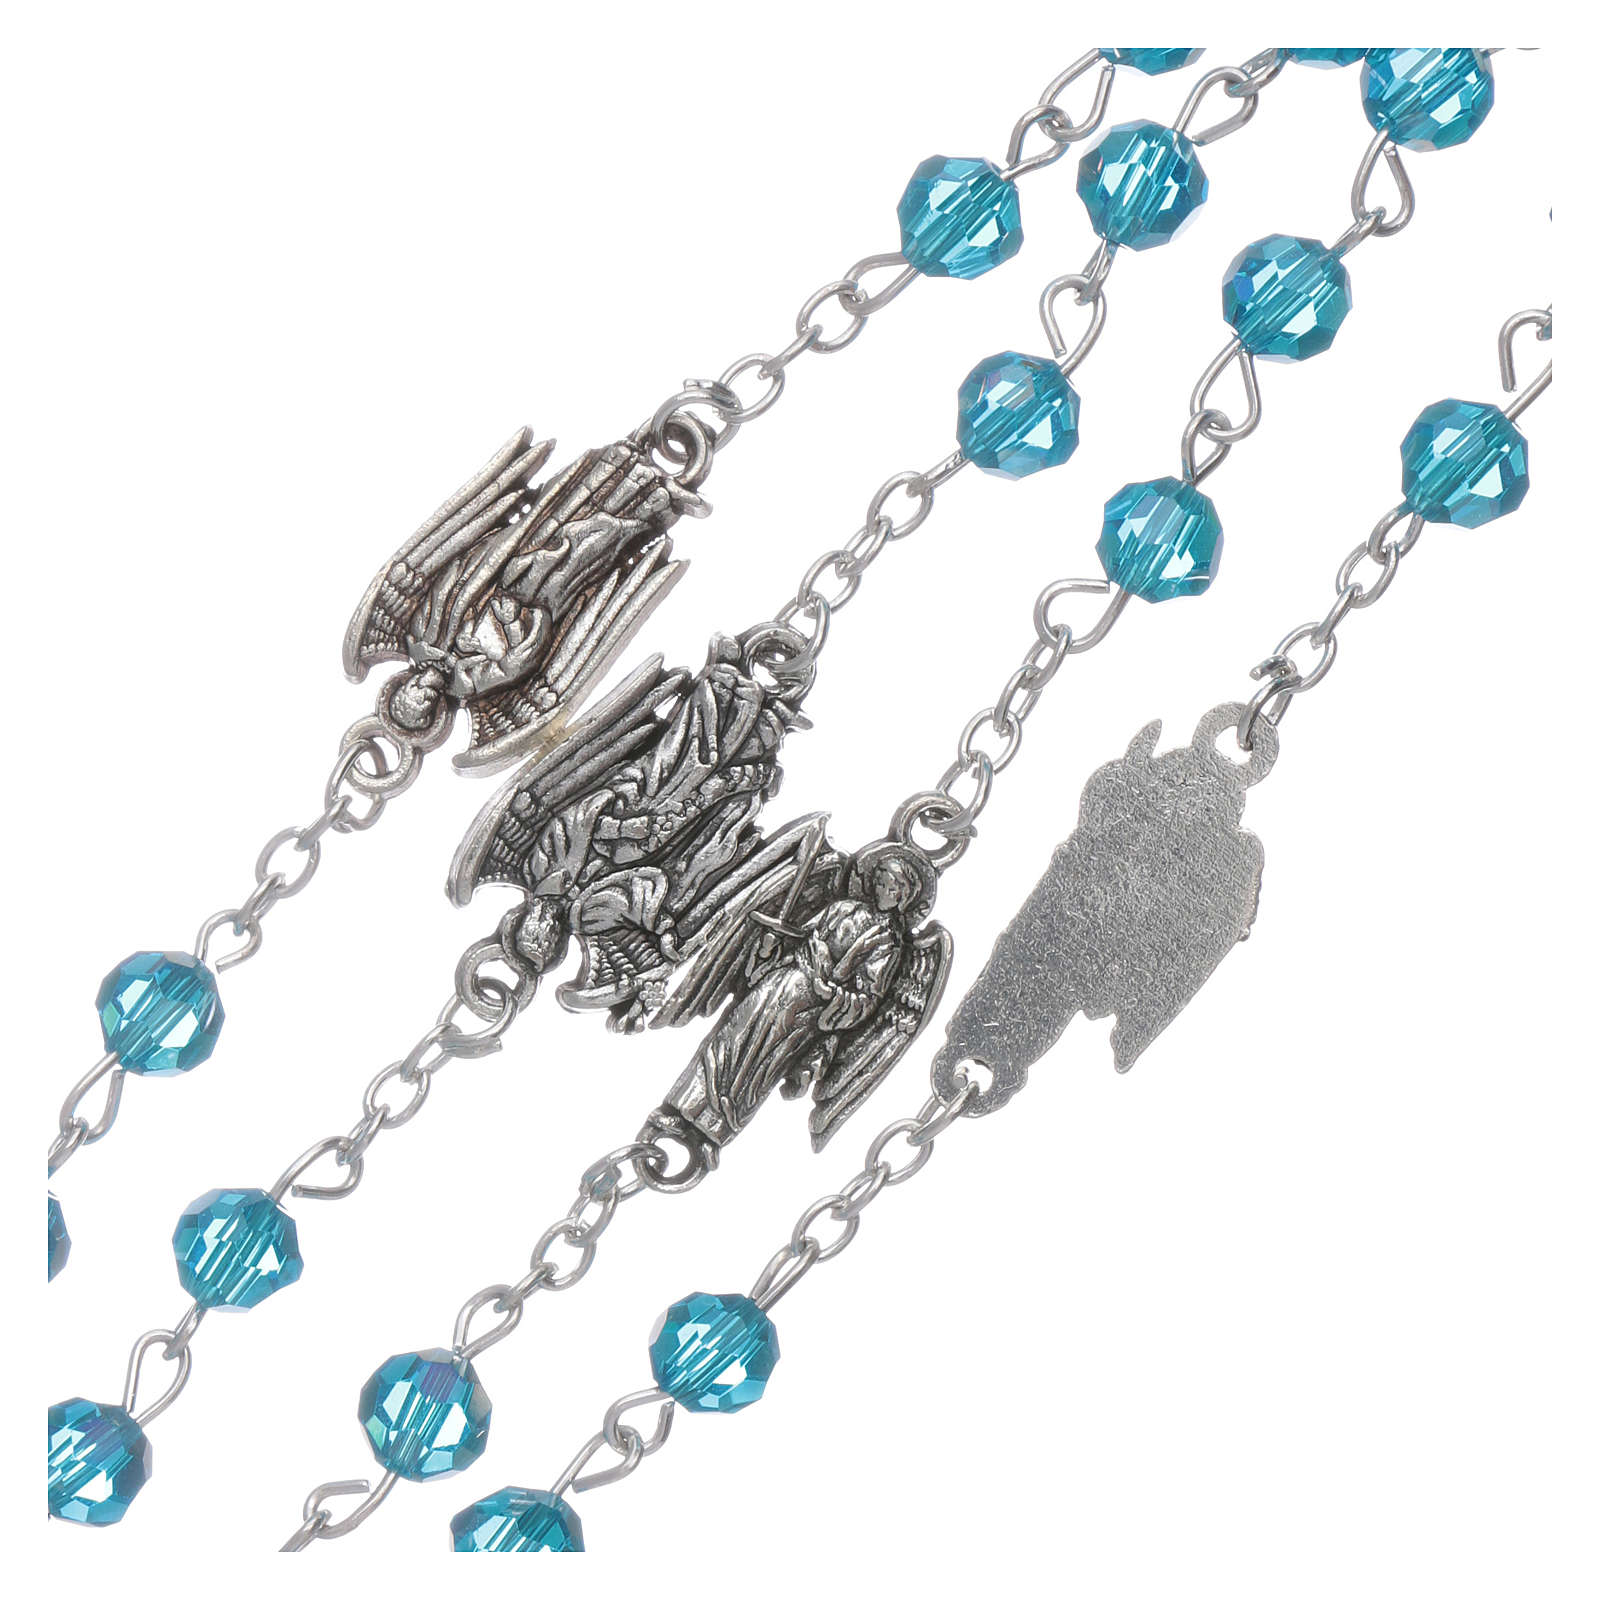 Różaniec Archaniołowie kryształ błękitny koraliki 6 mm 4